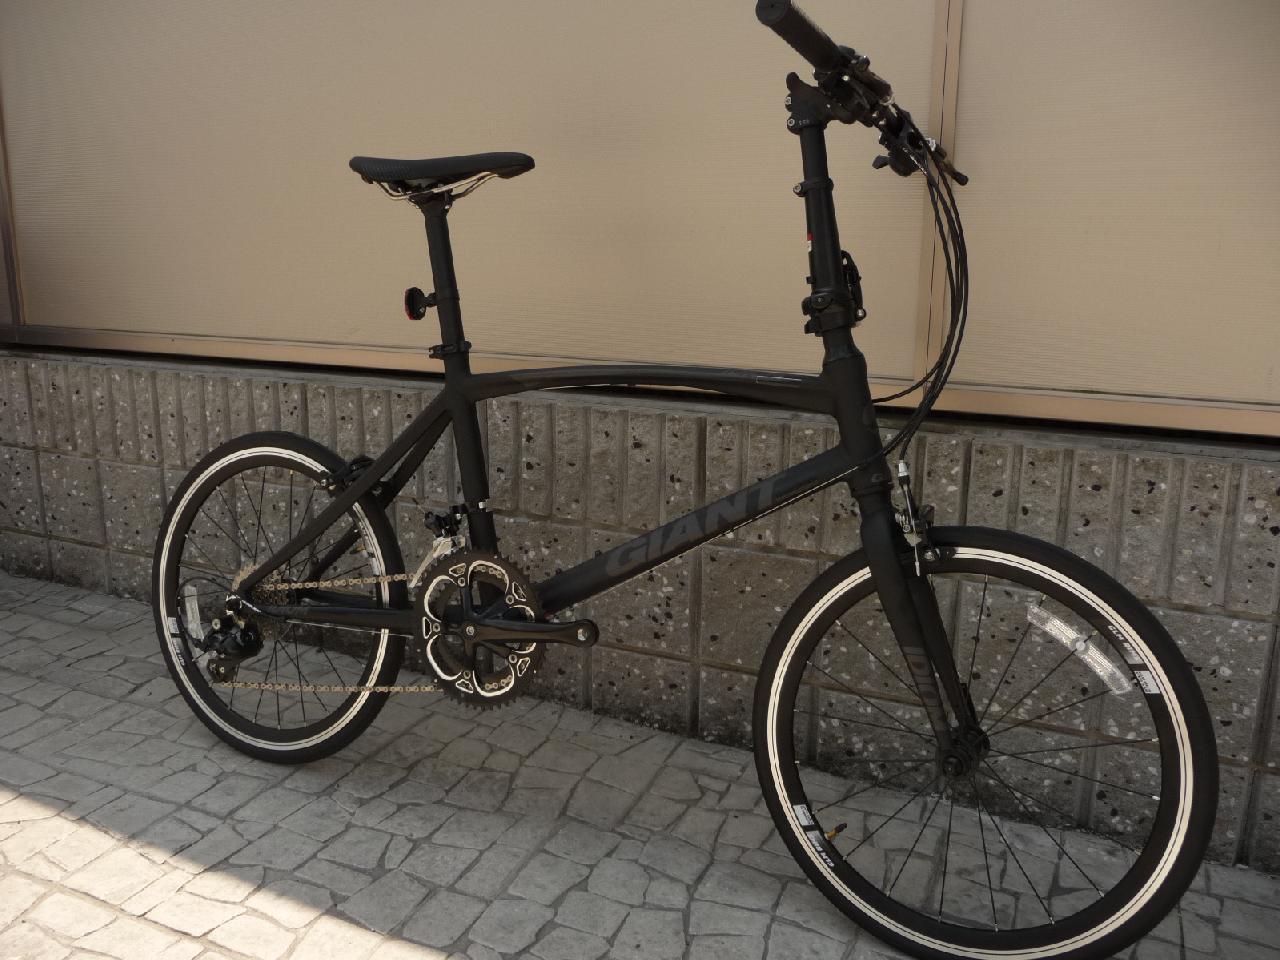 ... スポーツ用品 増谷自転車